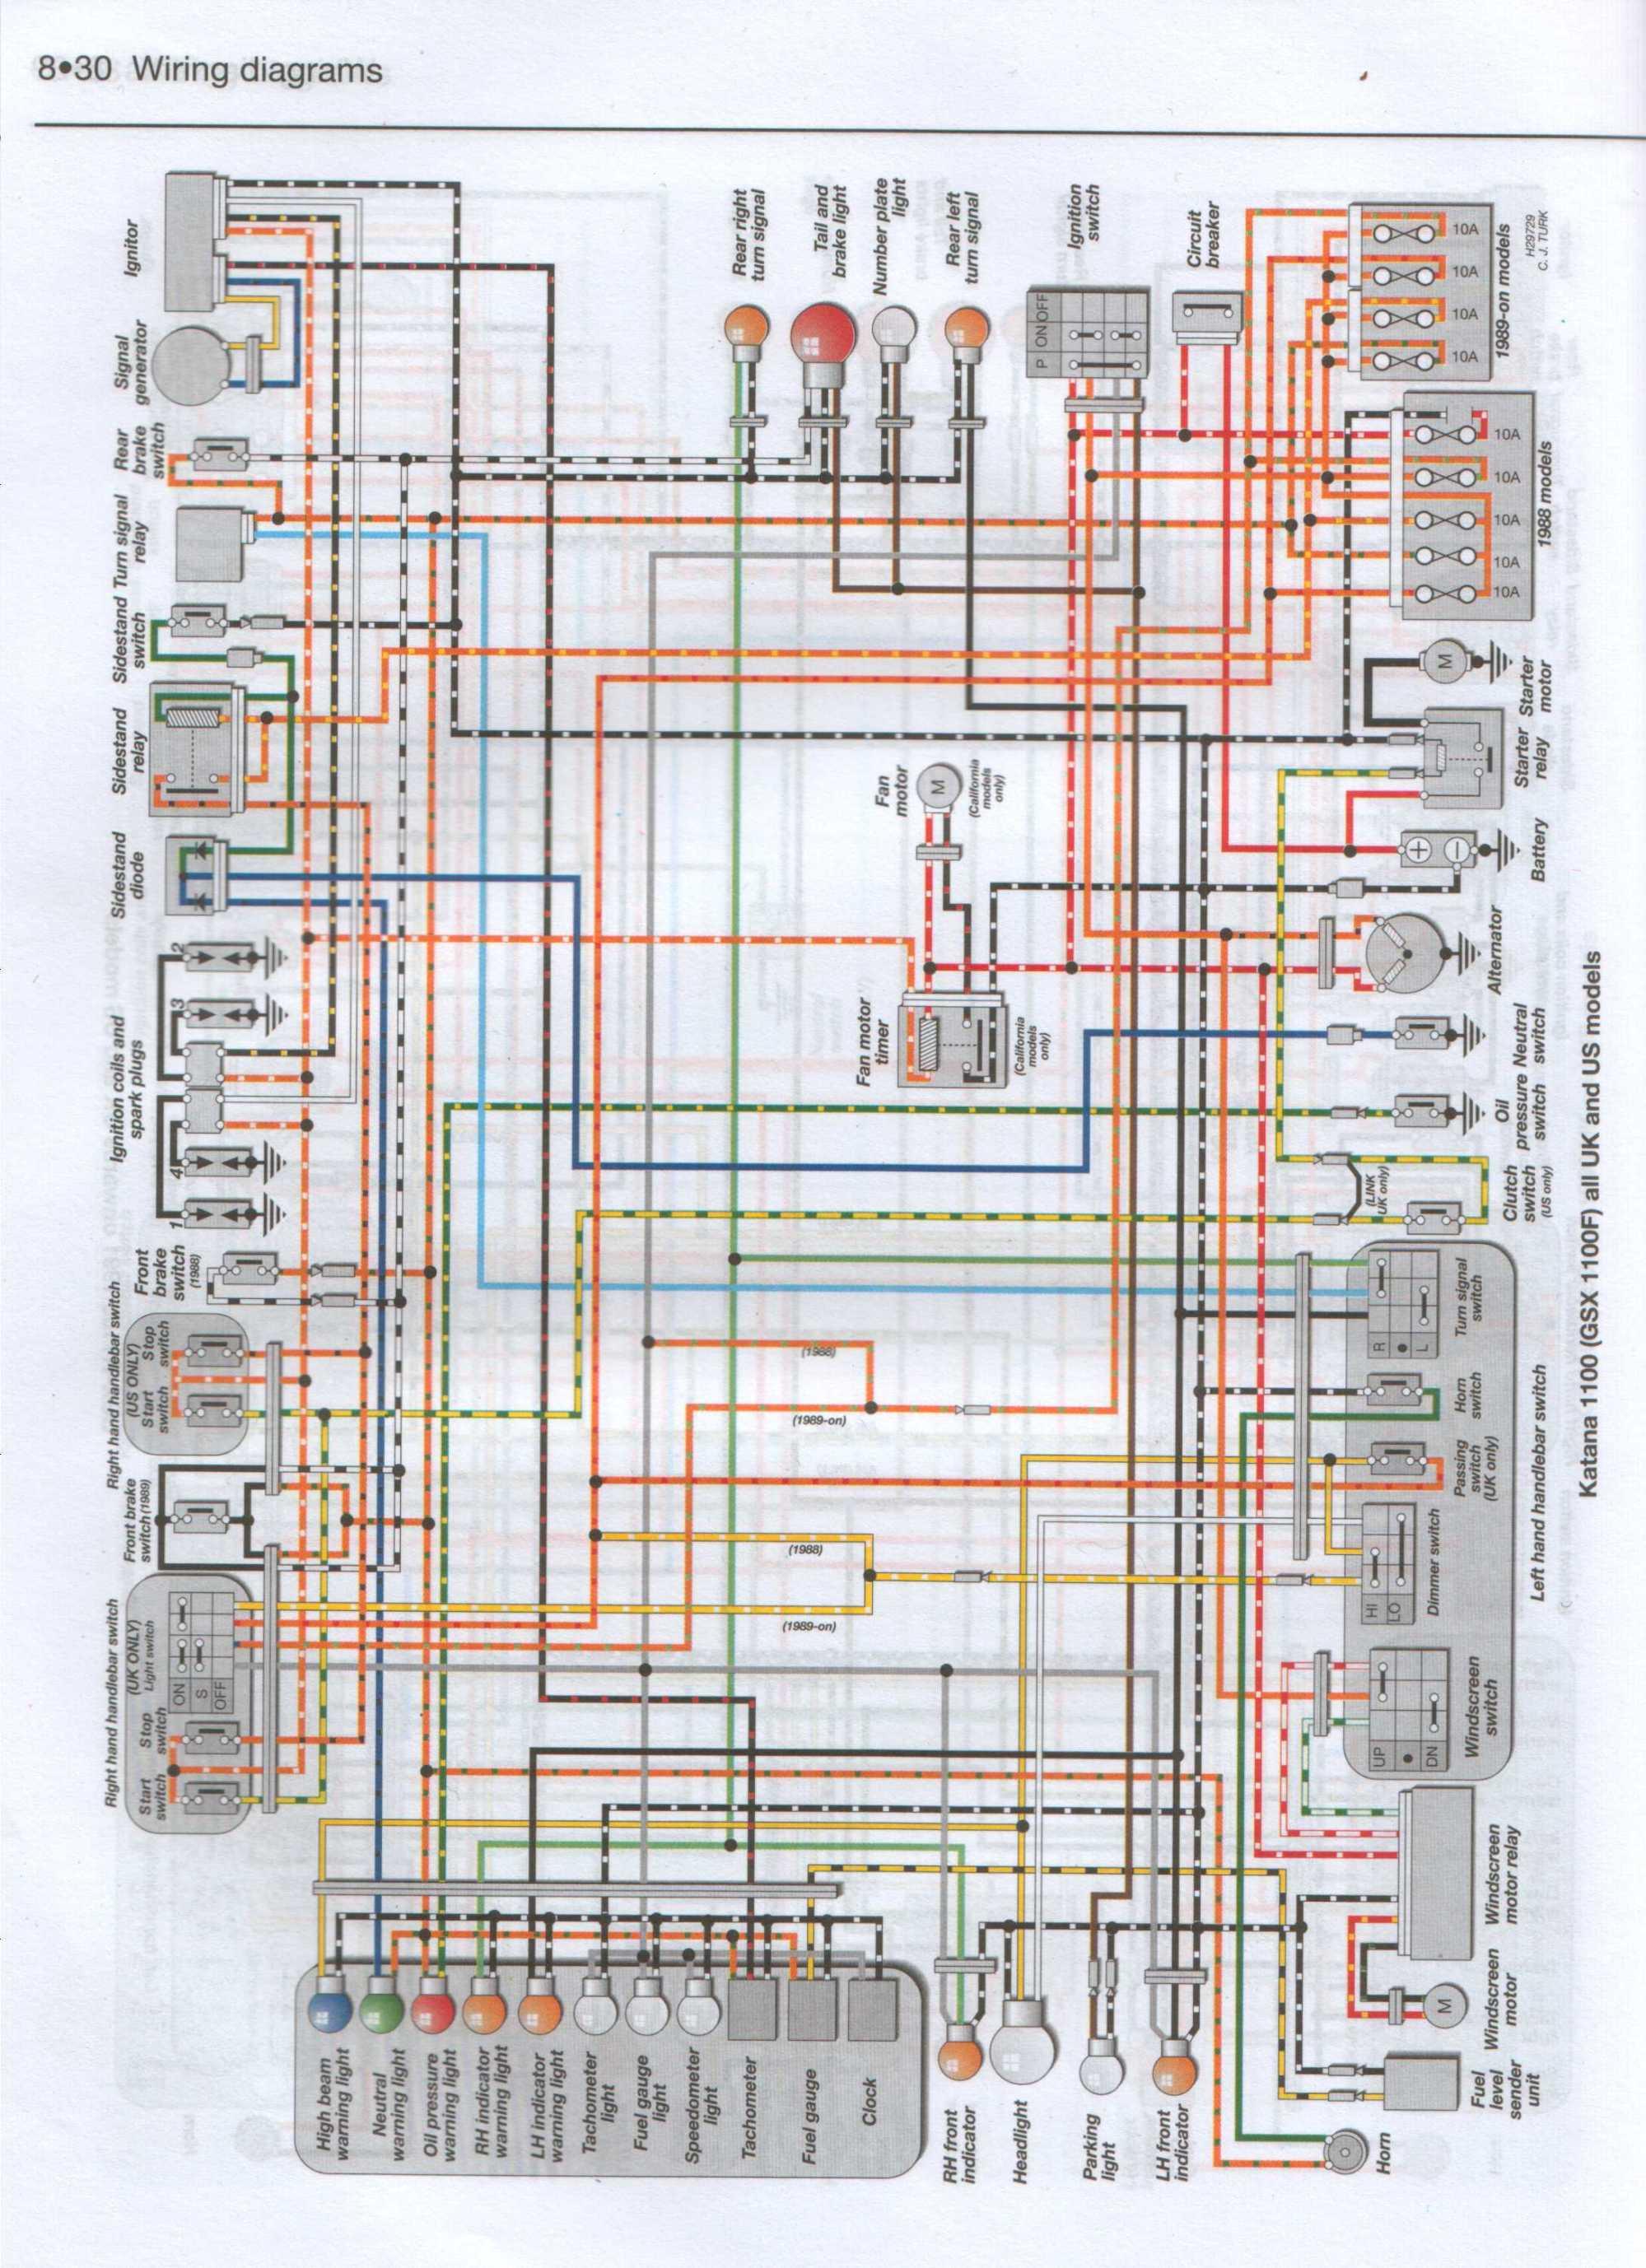 RS_3759] Bmw K1200Lt Radio Wiring Diagram On Bmw K1200Lt Radio Wiring  Diagram Free DiagramProps Omit Nekout Expe Nnigh Benkeme Mohammedshrine Librar Wiring 101